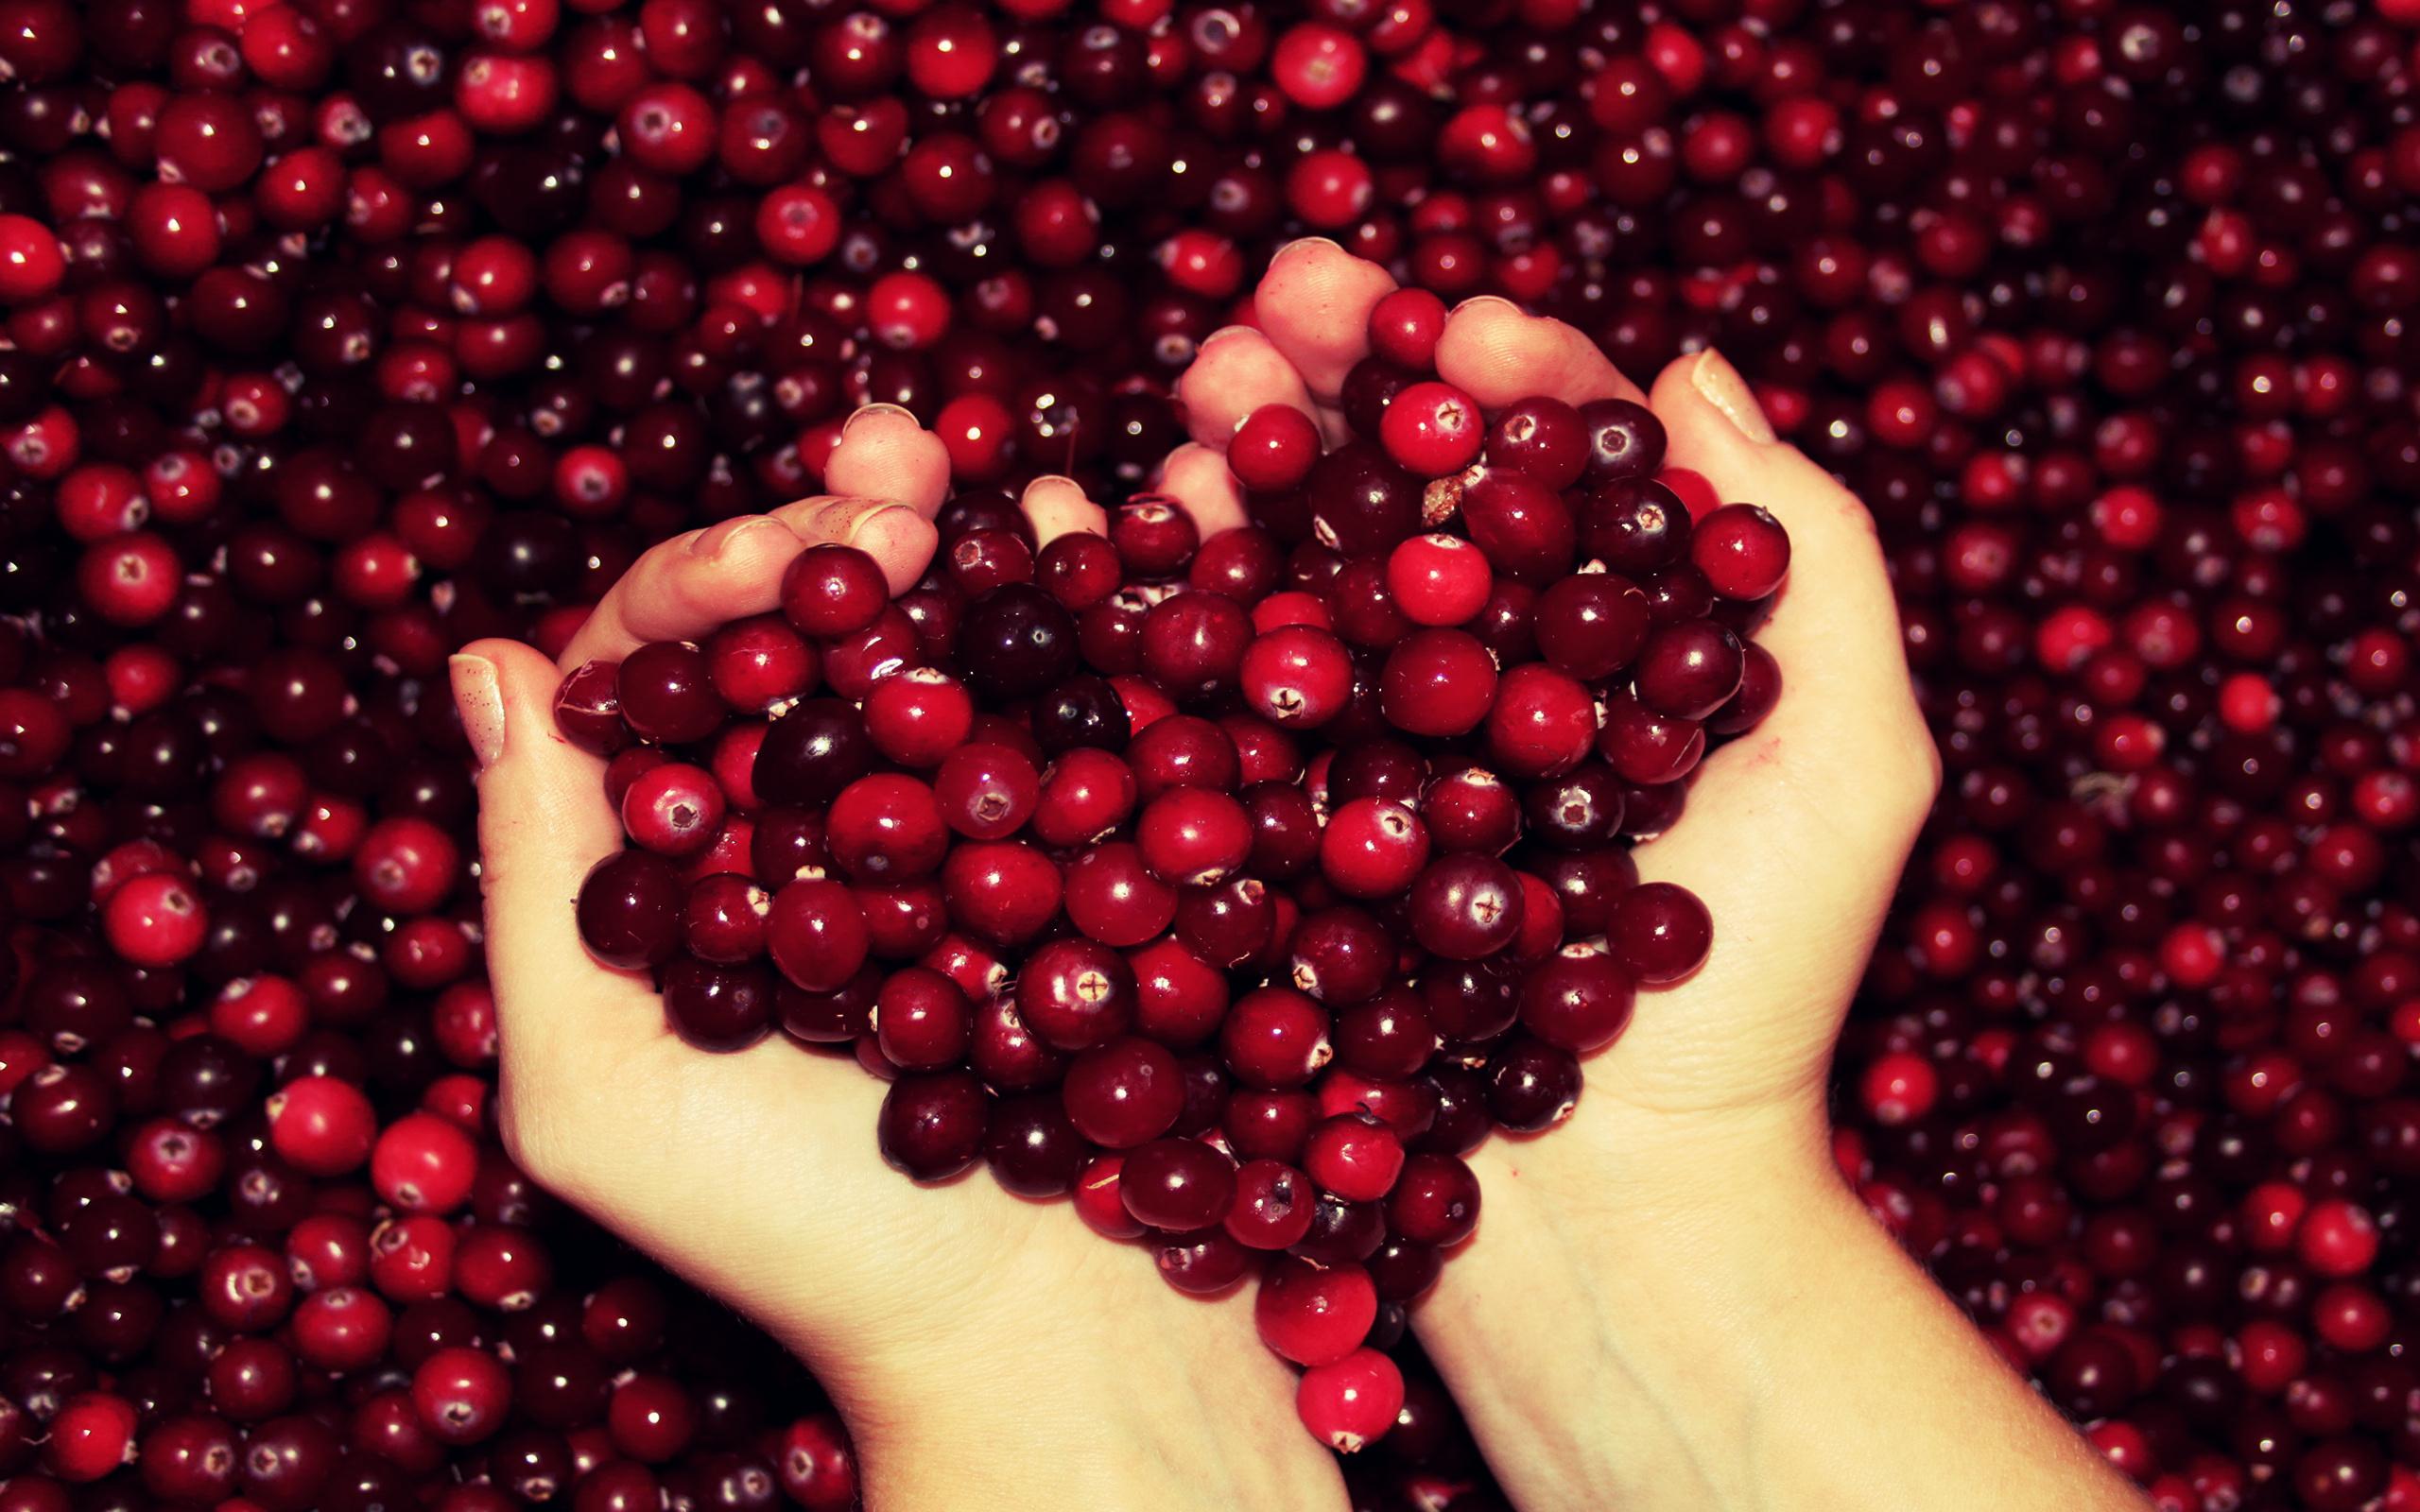 брусника ягода ведро  № 3696976 загрузить